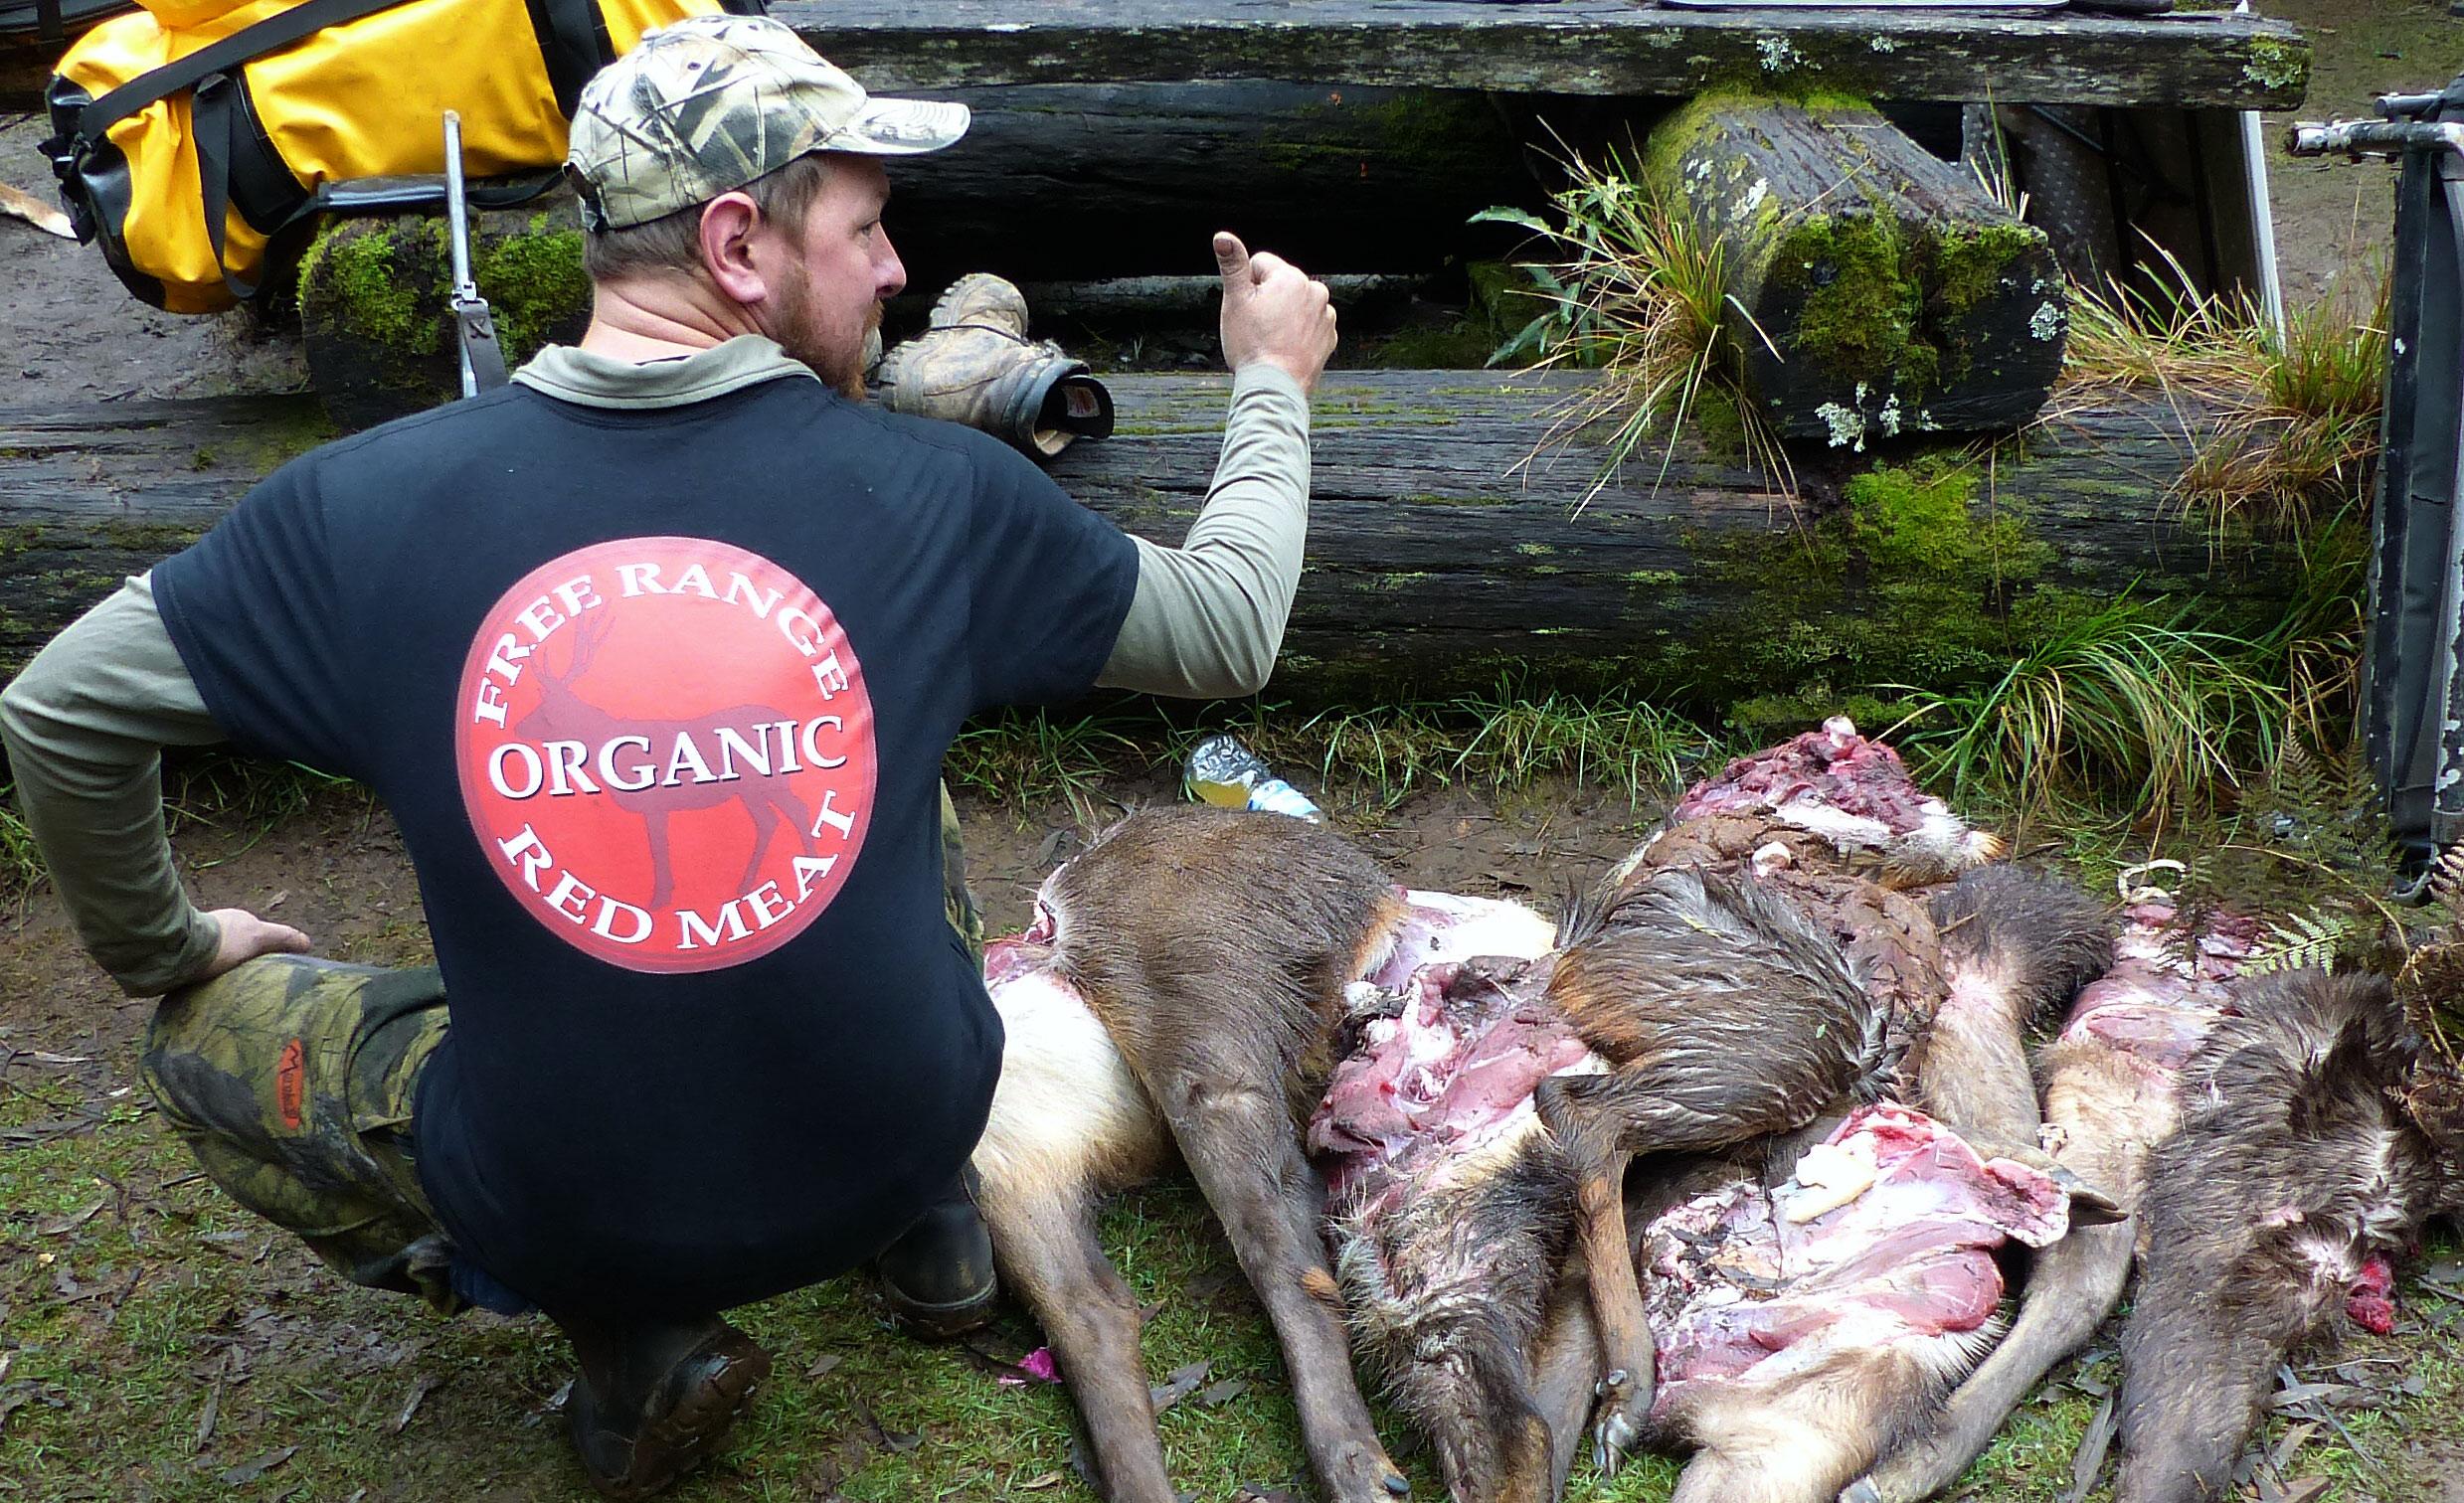 Free range organic red meat